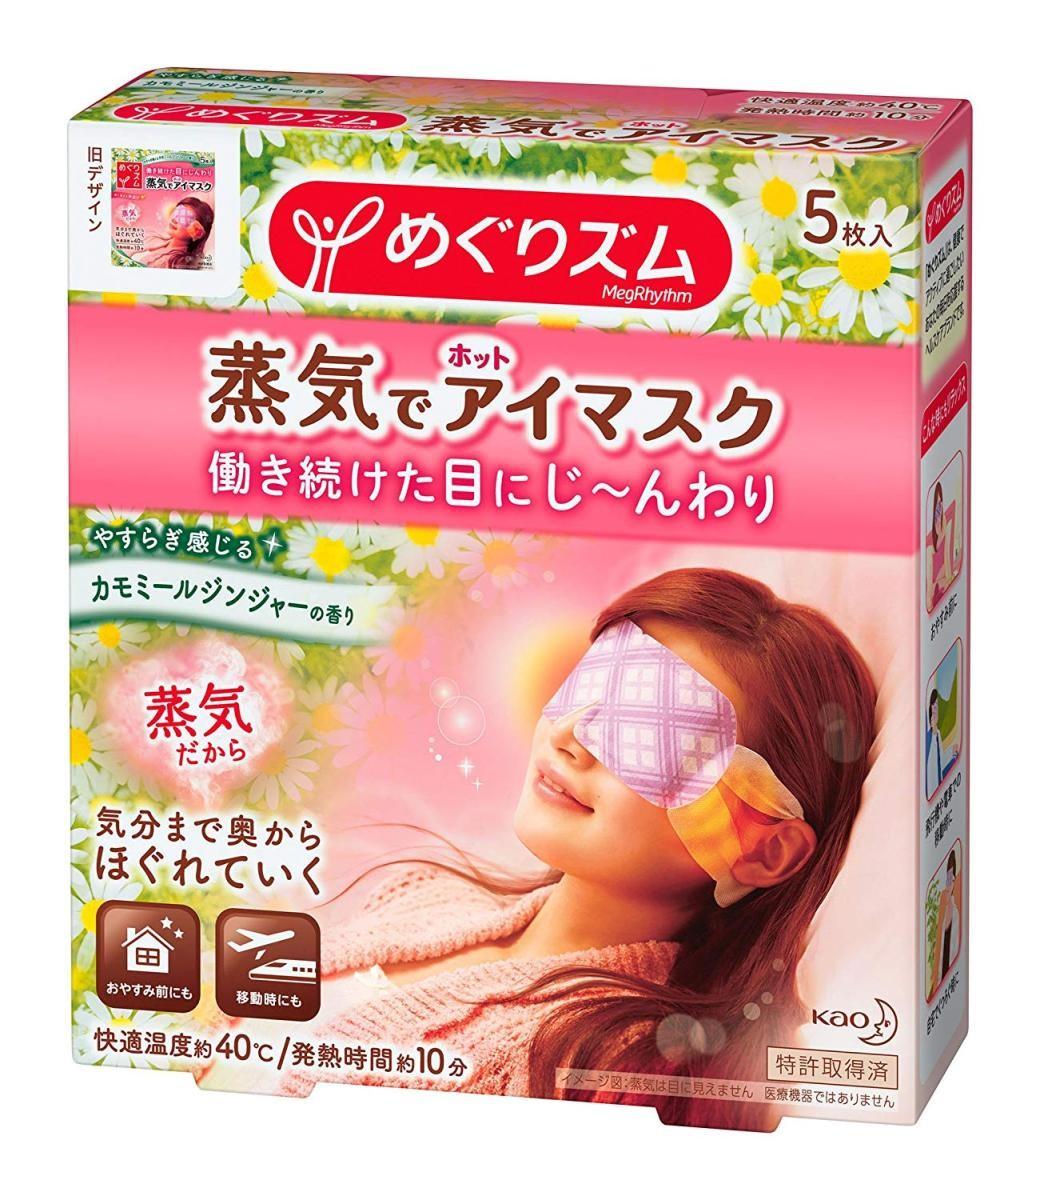 めぐりズム 蒸気でホットアイマスク カモミールジンジャーの香り 5枚の商品画像 3